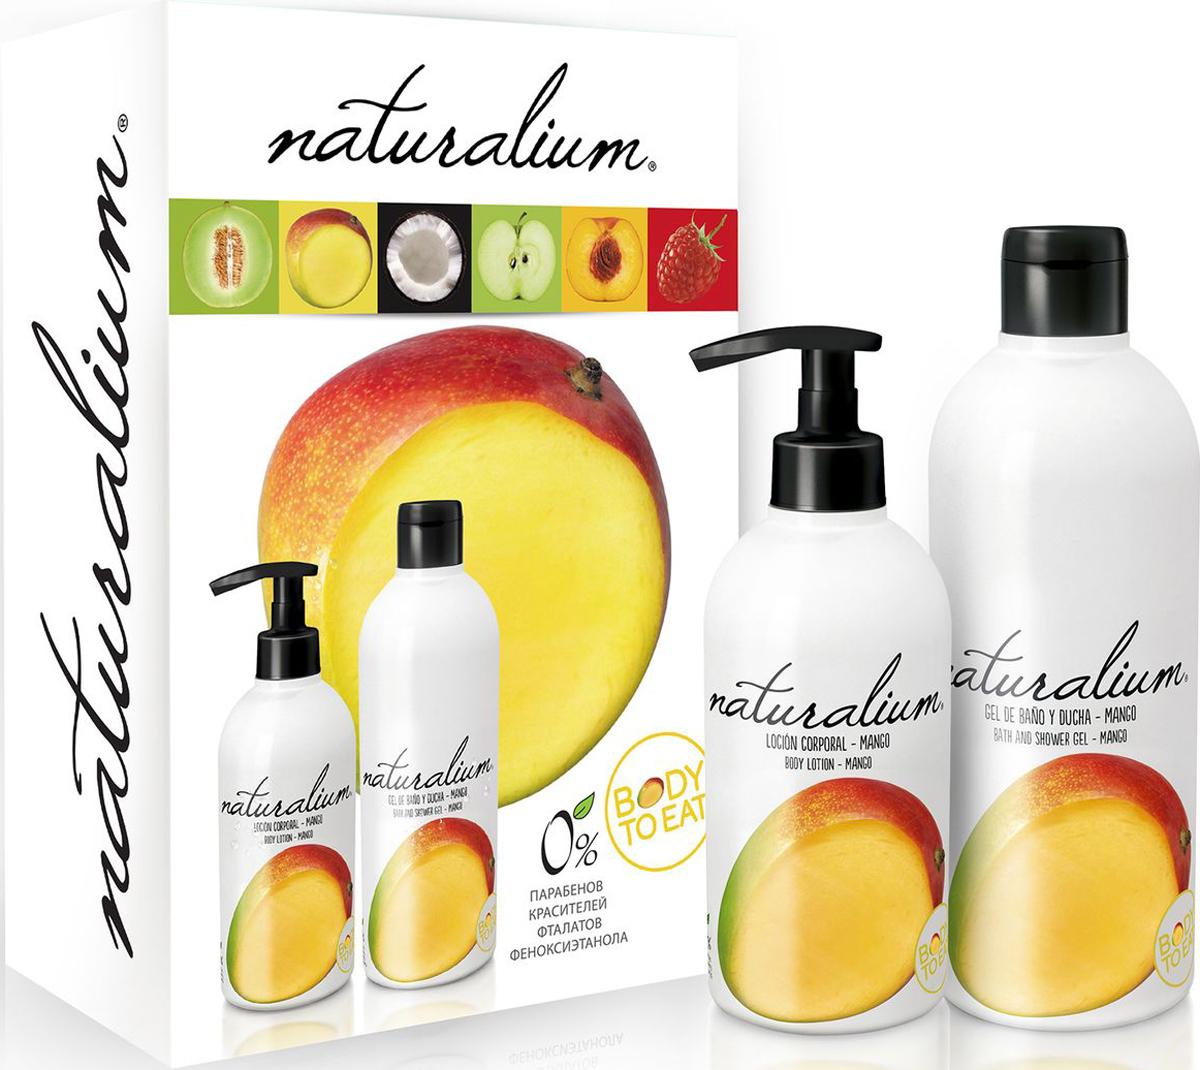 Naturalium Дуо Набор Манго (гель для душа, лосьон для тела) крем для тела манго